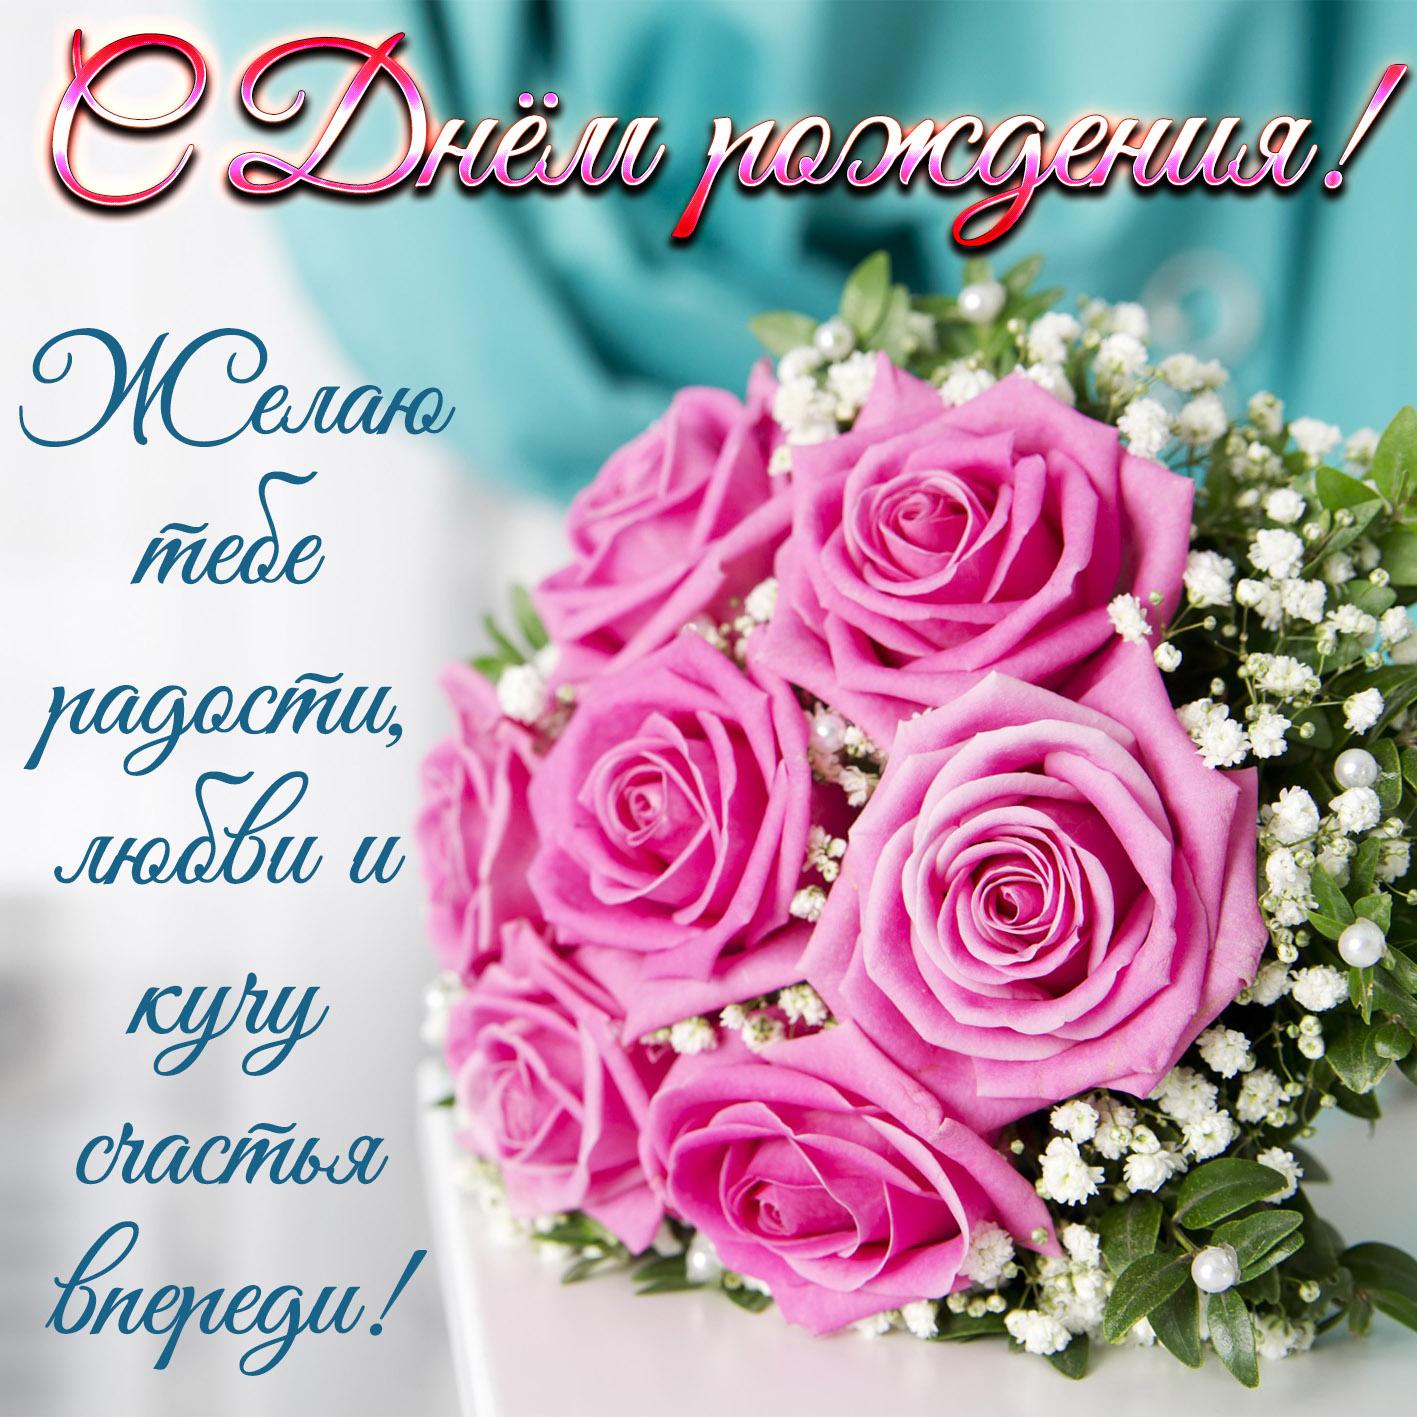 Открытка на День рождения - очень красивый букет роз для женщины